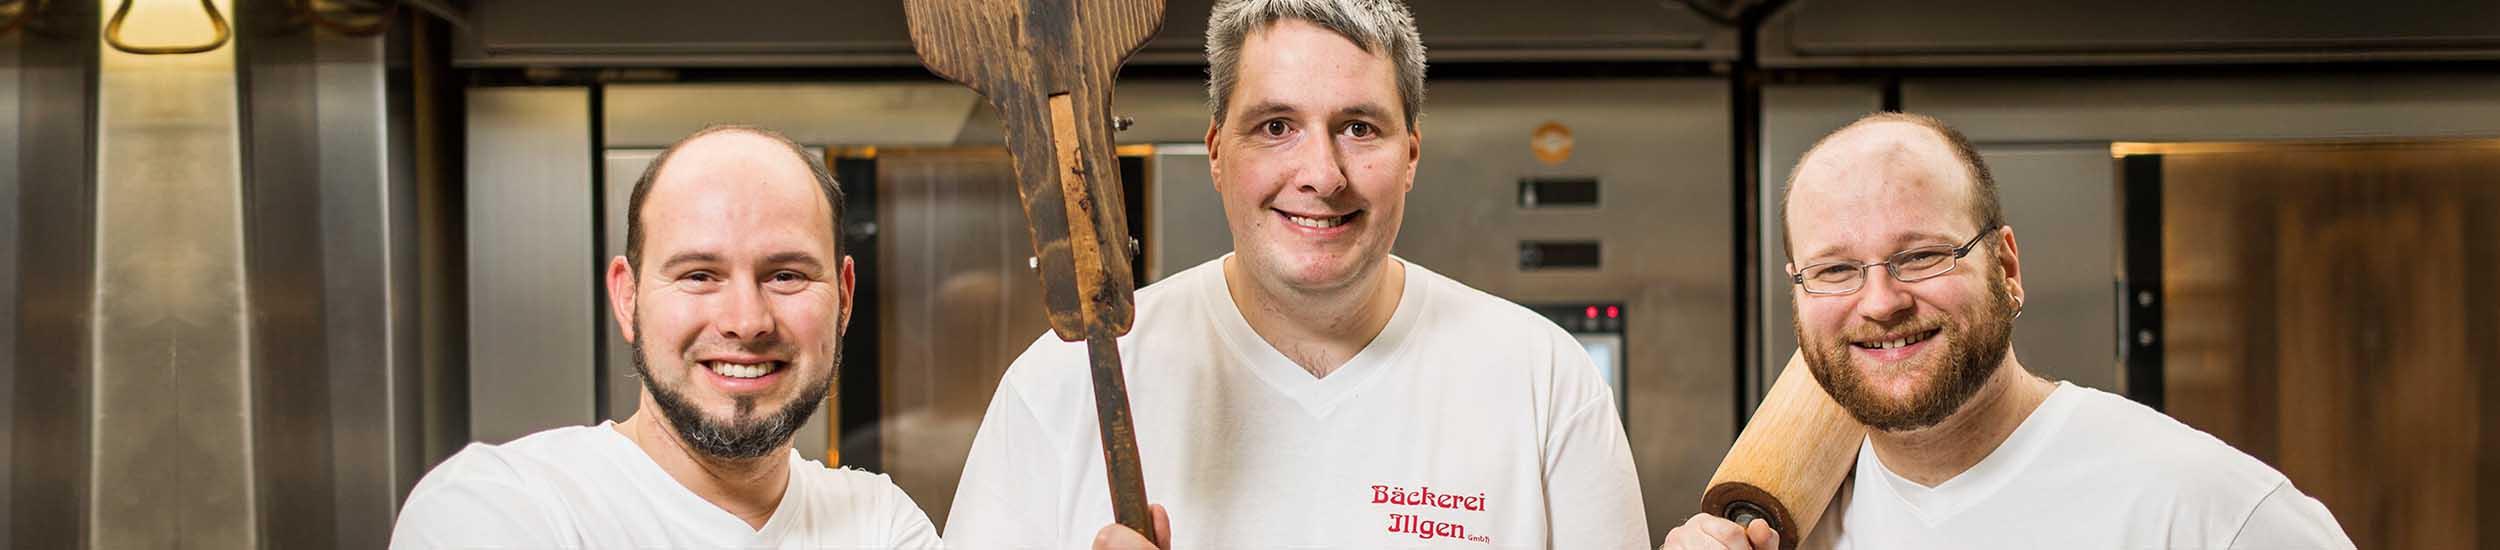 Bäckerei Illgen - Karriere